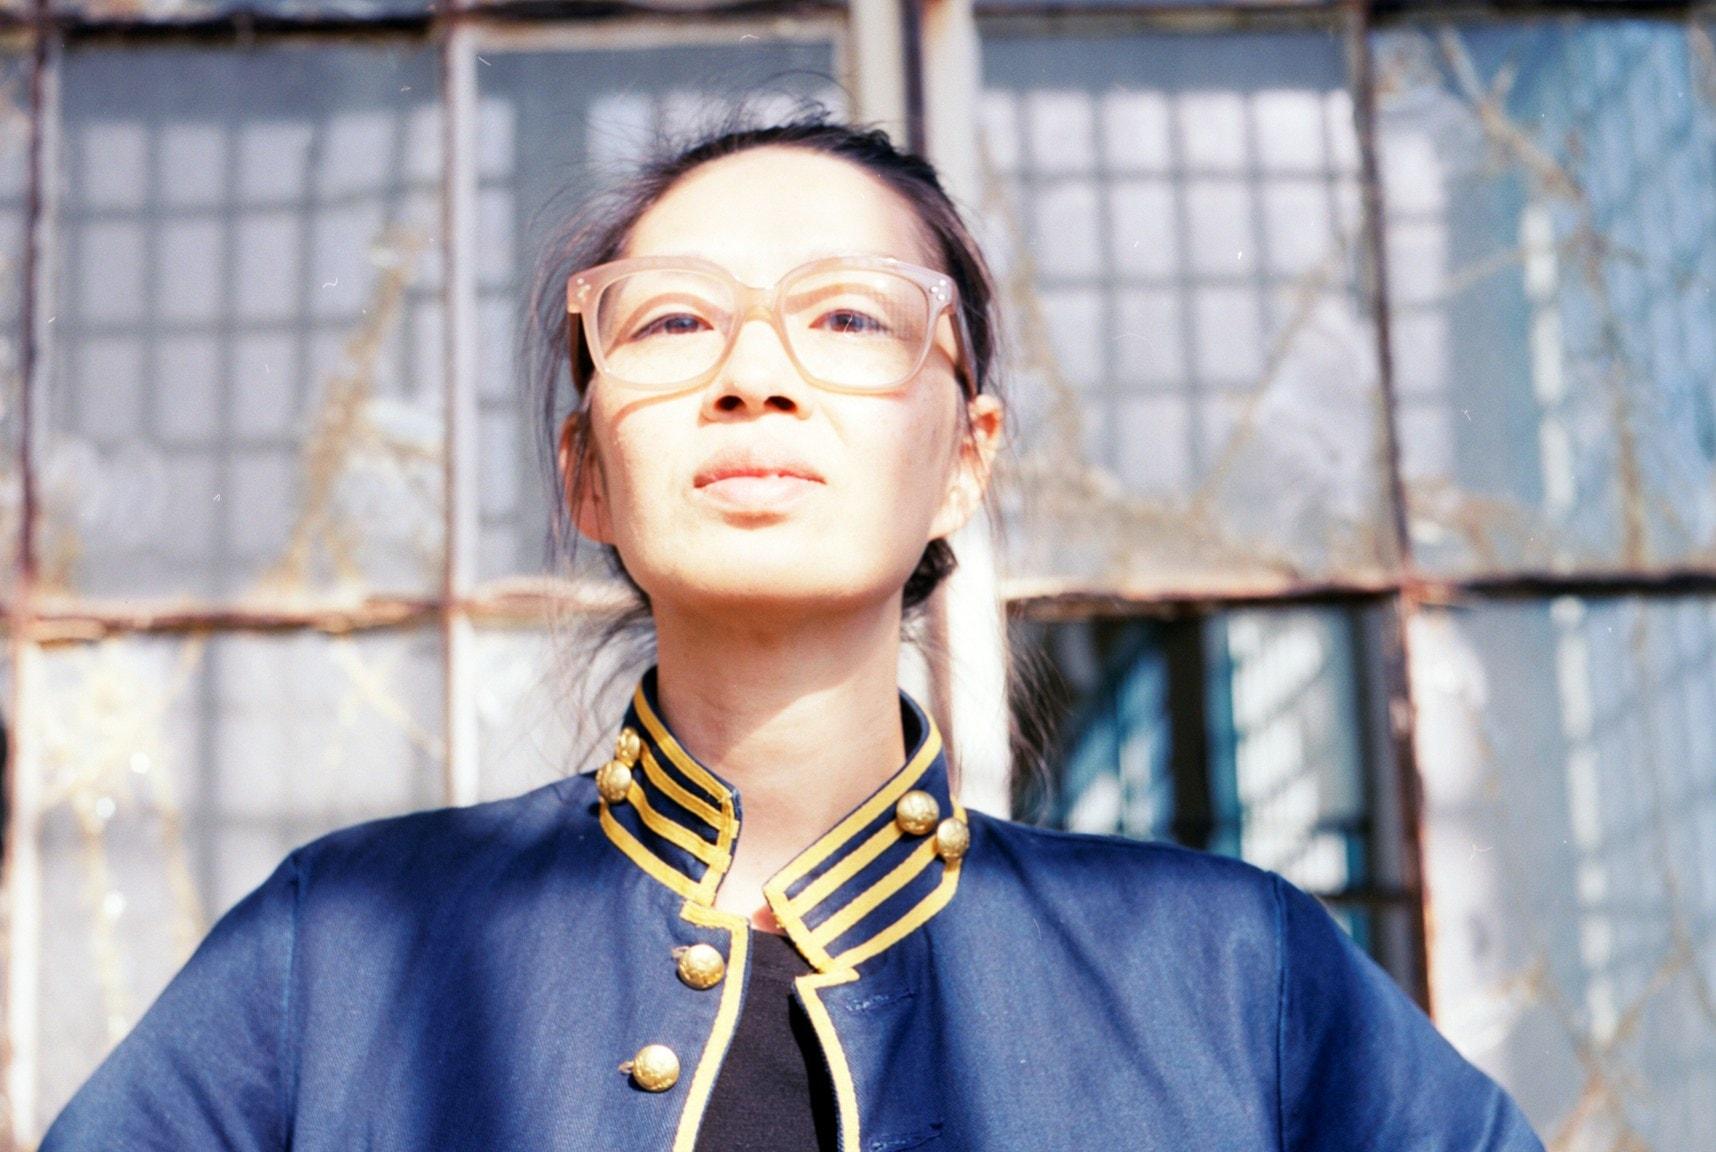 Nominerad till Sveriges Radios novellpris. Mitt namn betyder liv av Mara Lee i uppläsning av Lena Endre.